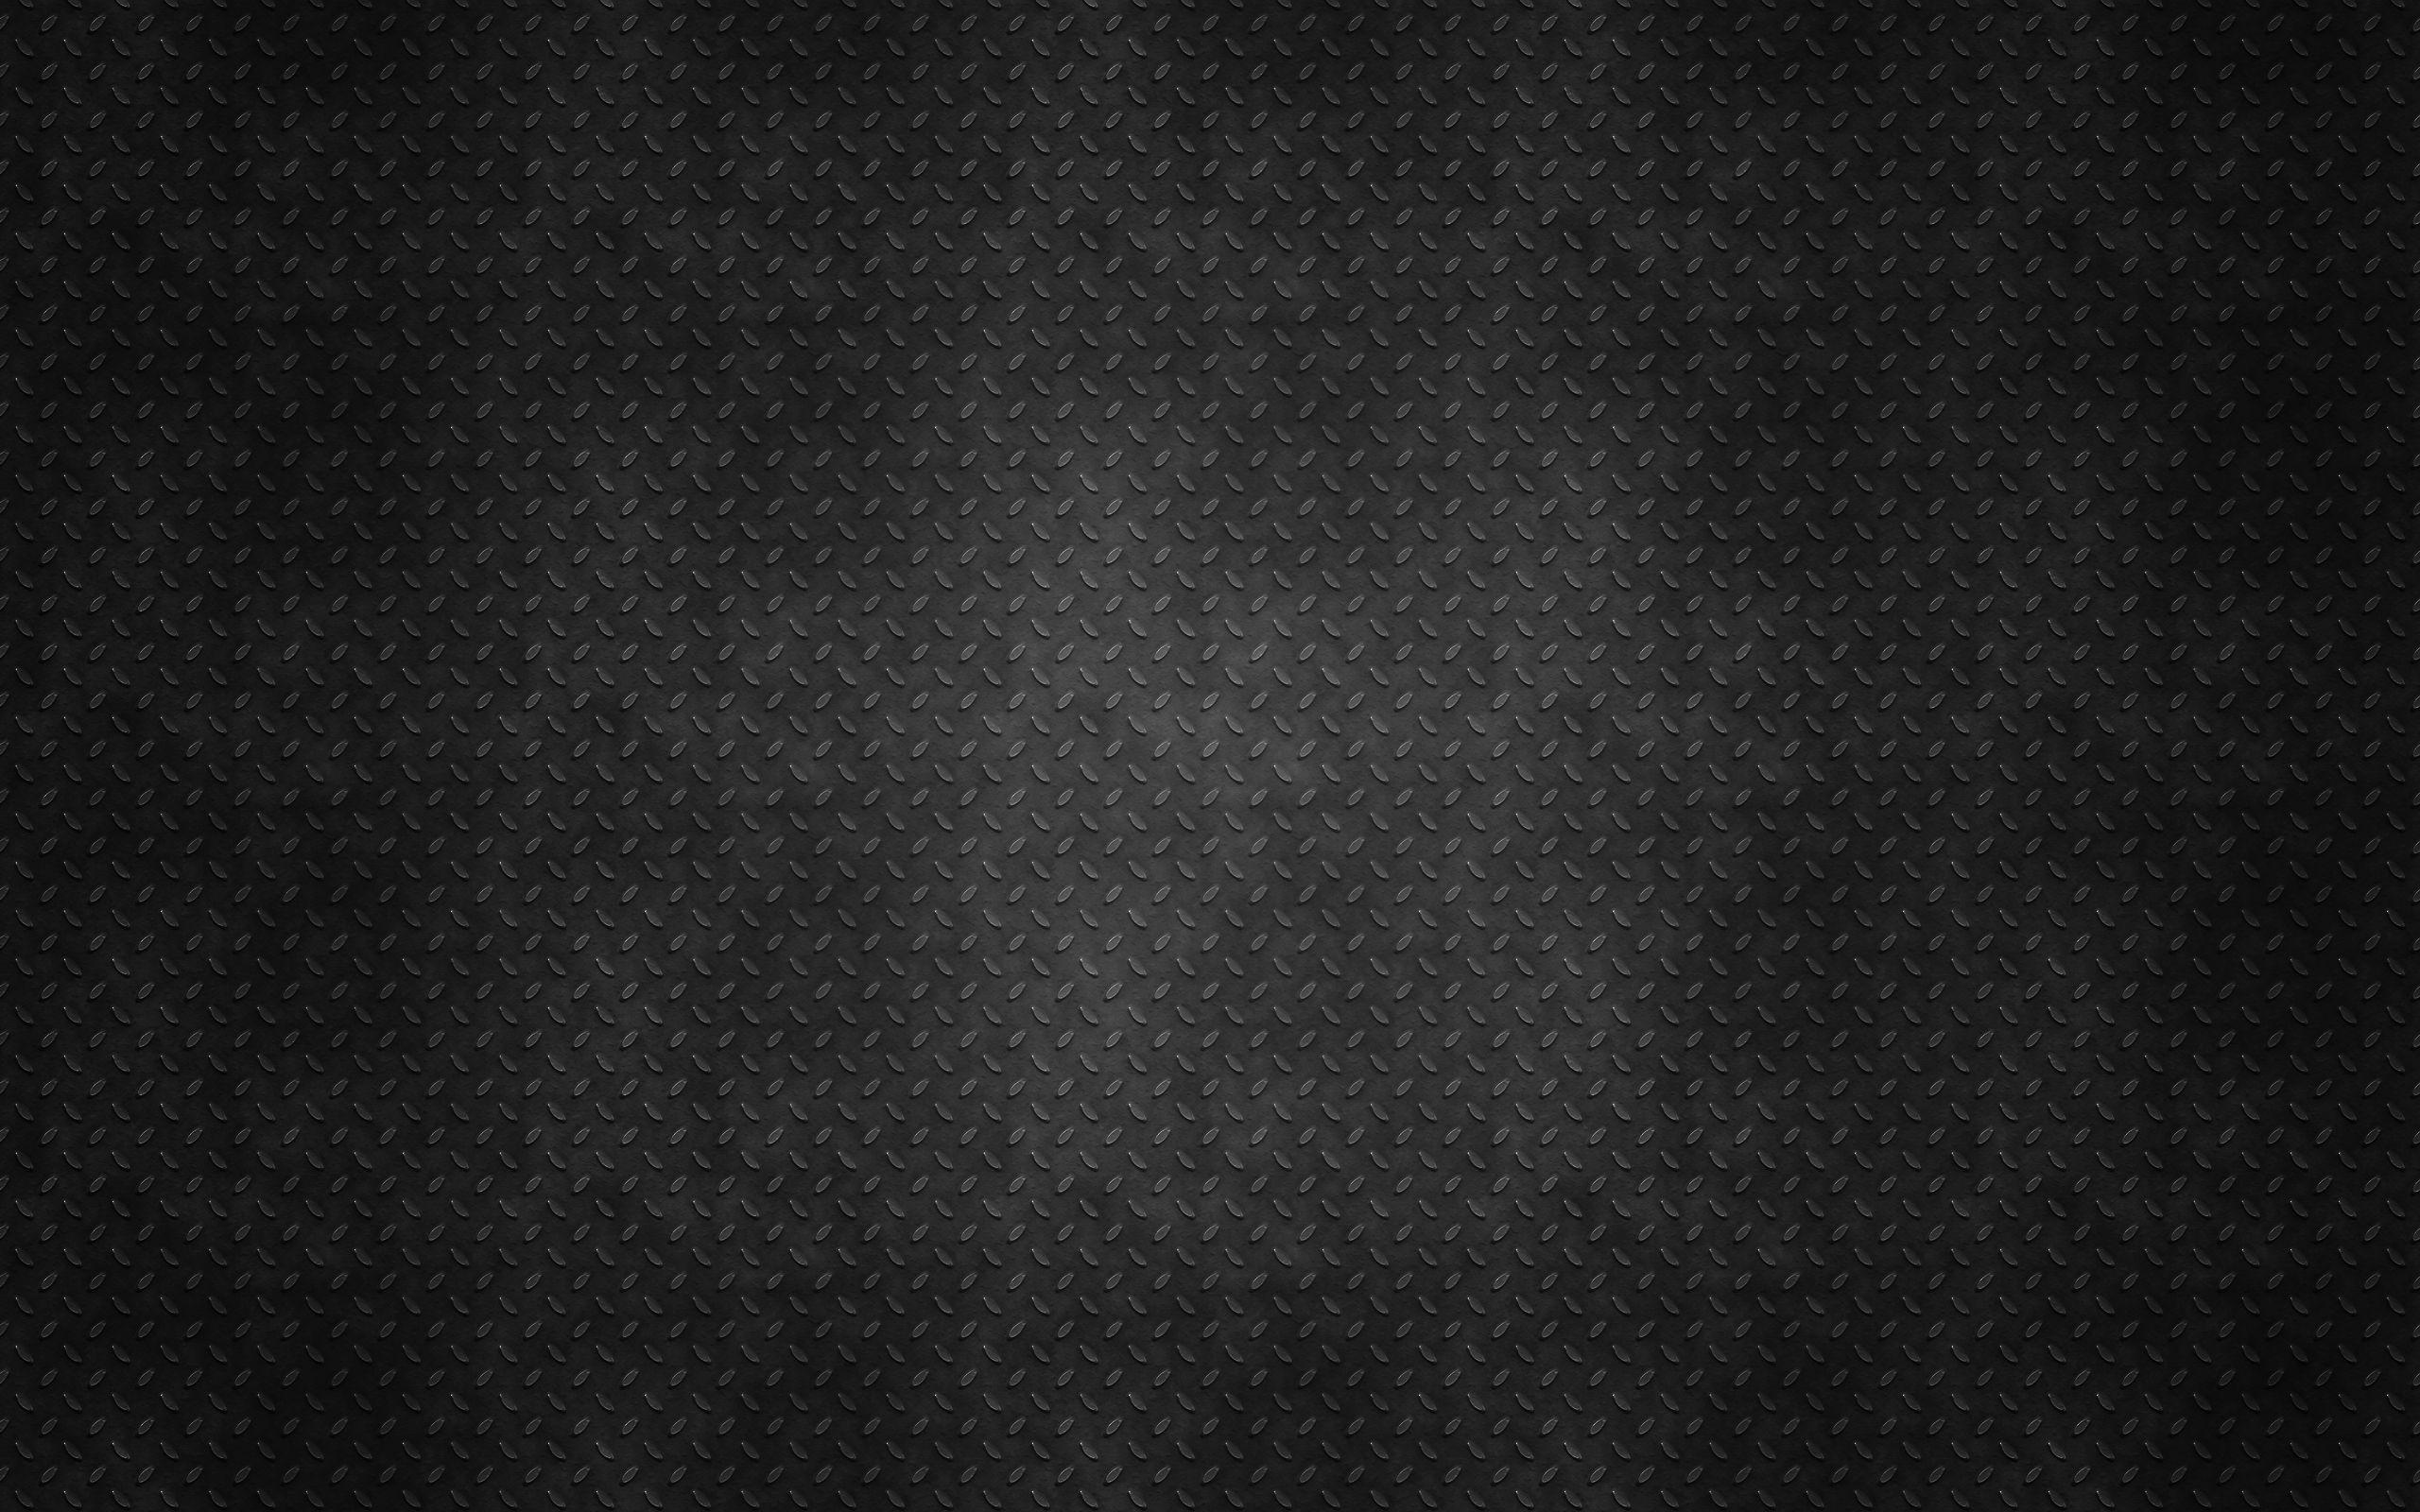 black bg textures pinterest wallpaper black